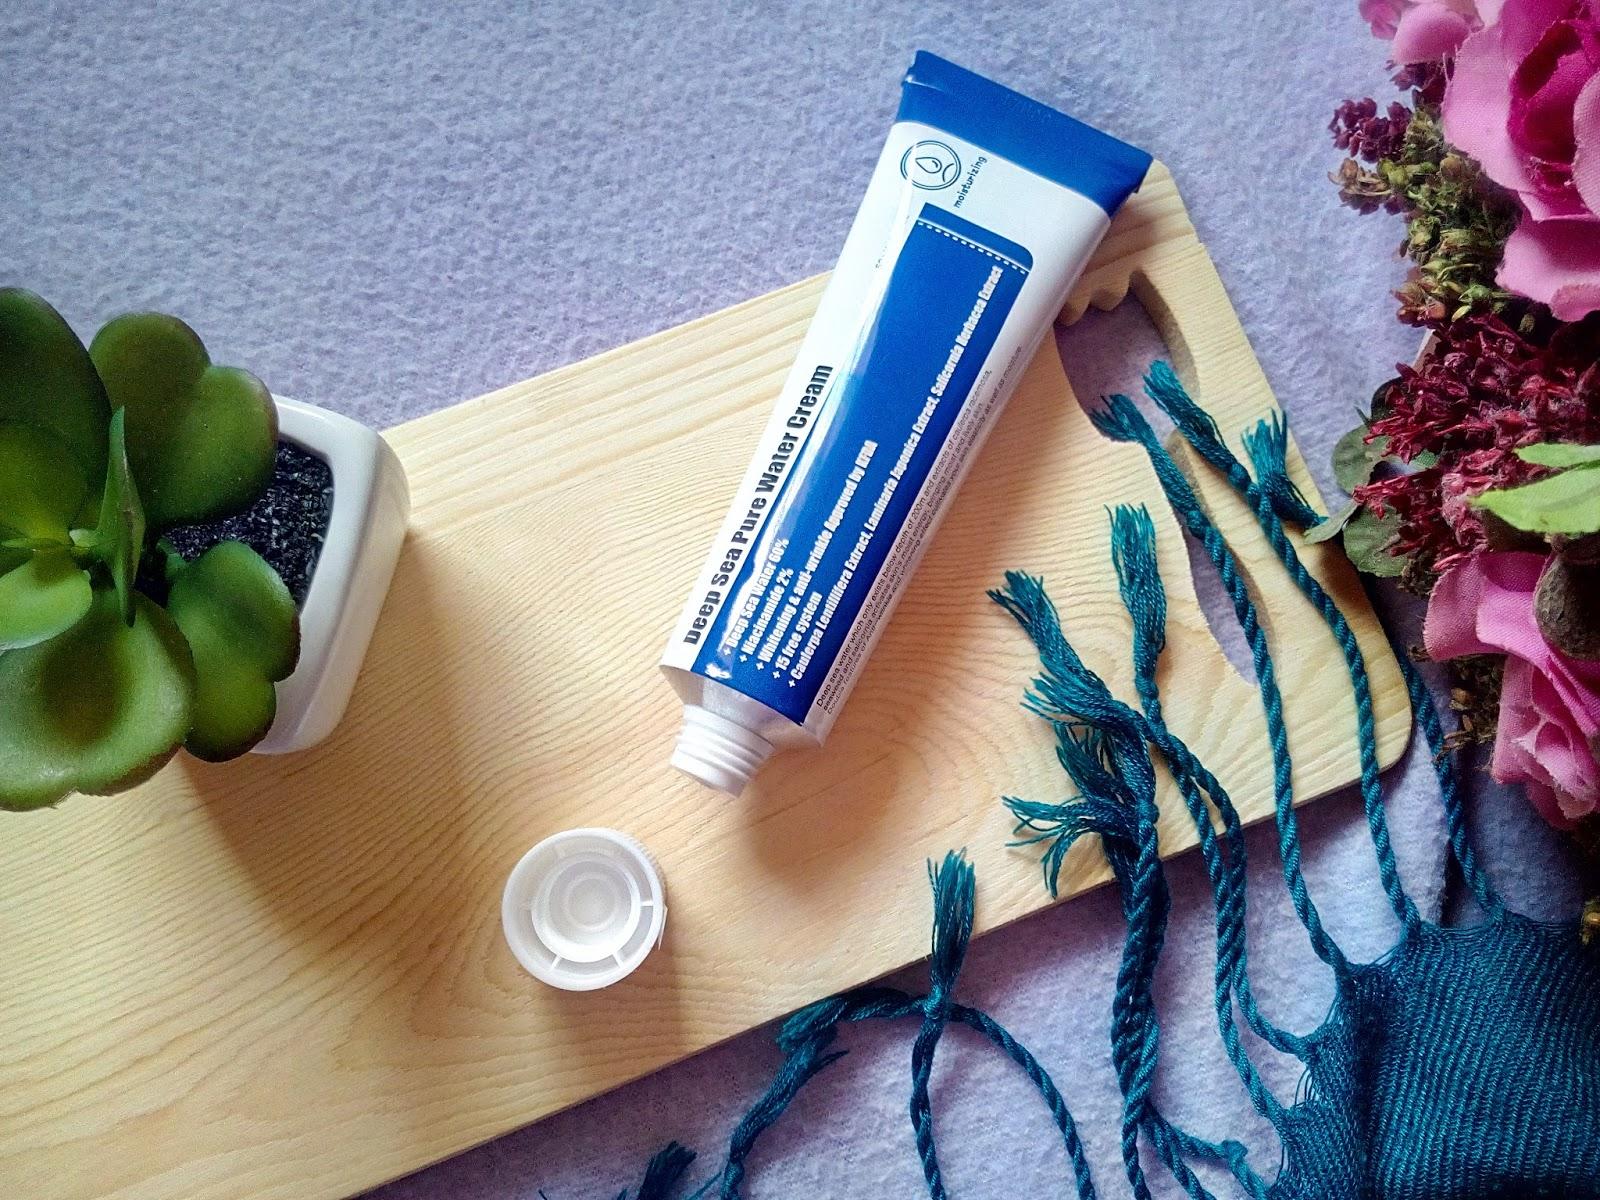 Deep Sea Pure Water Cream by Purito #16